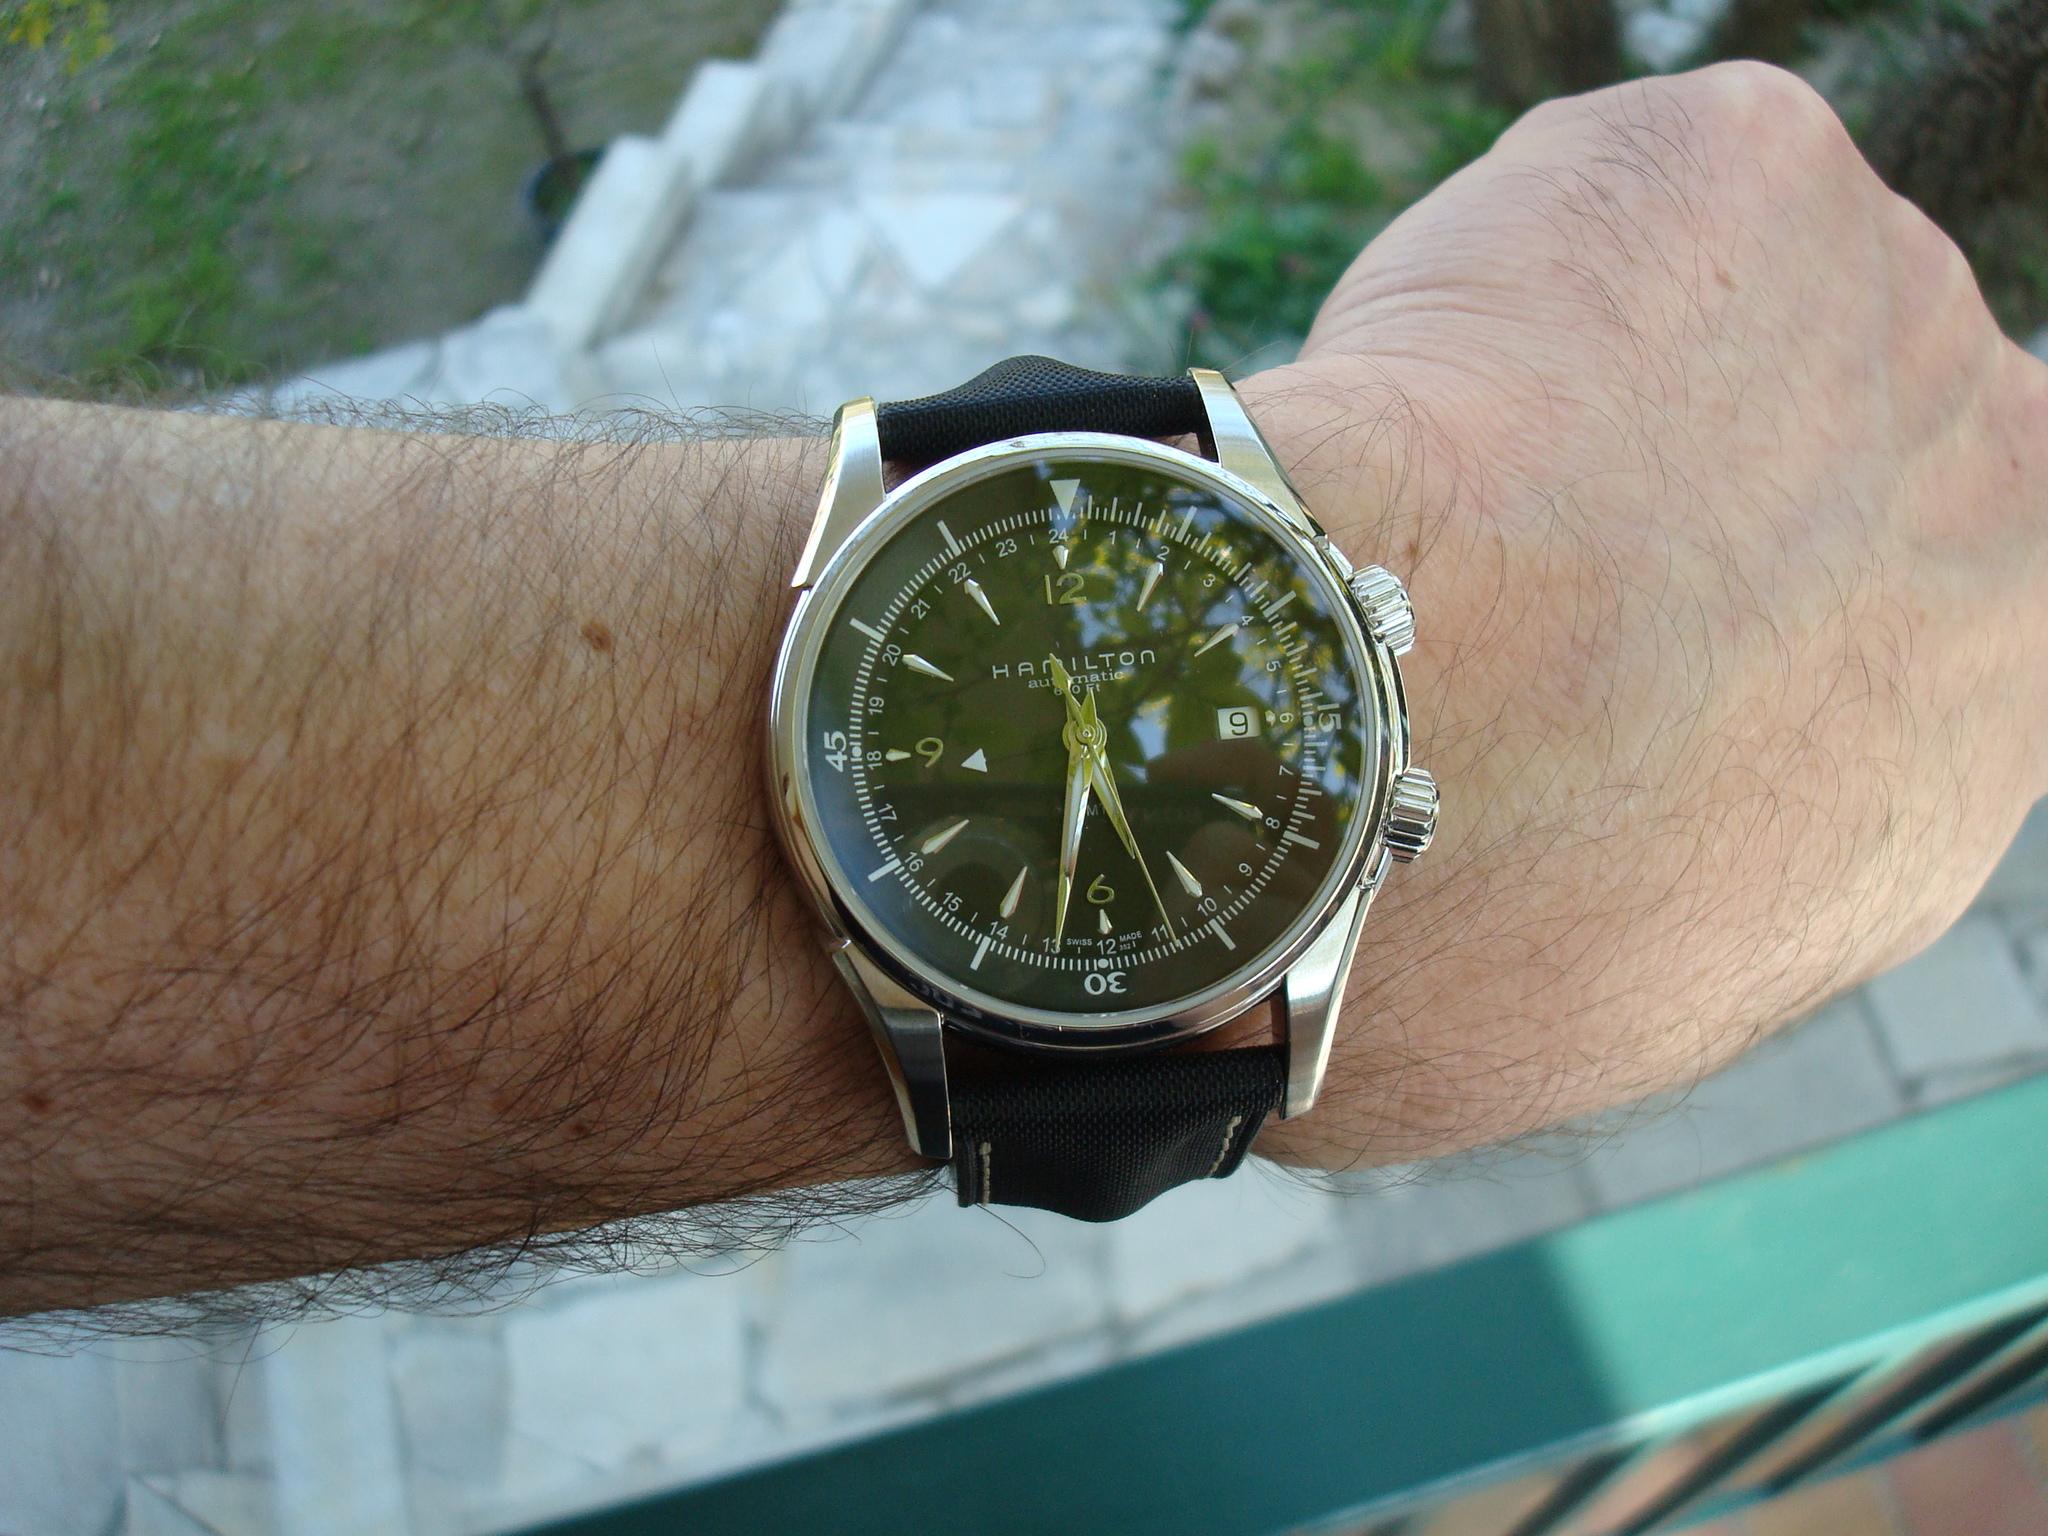 La montre du vendredi 29 avril 2011 - Page 3 422728DSC01138